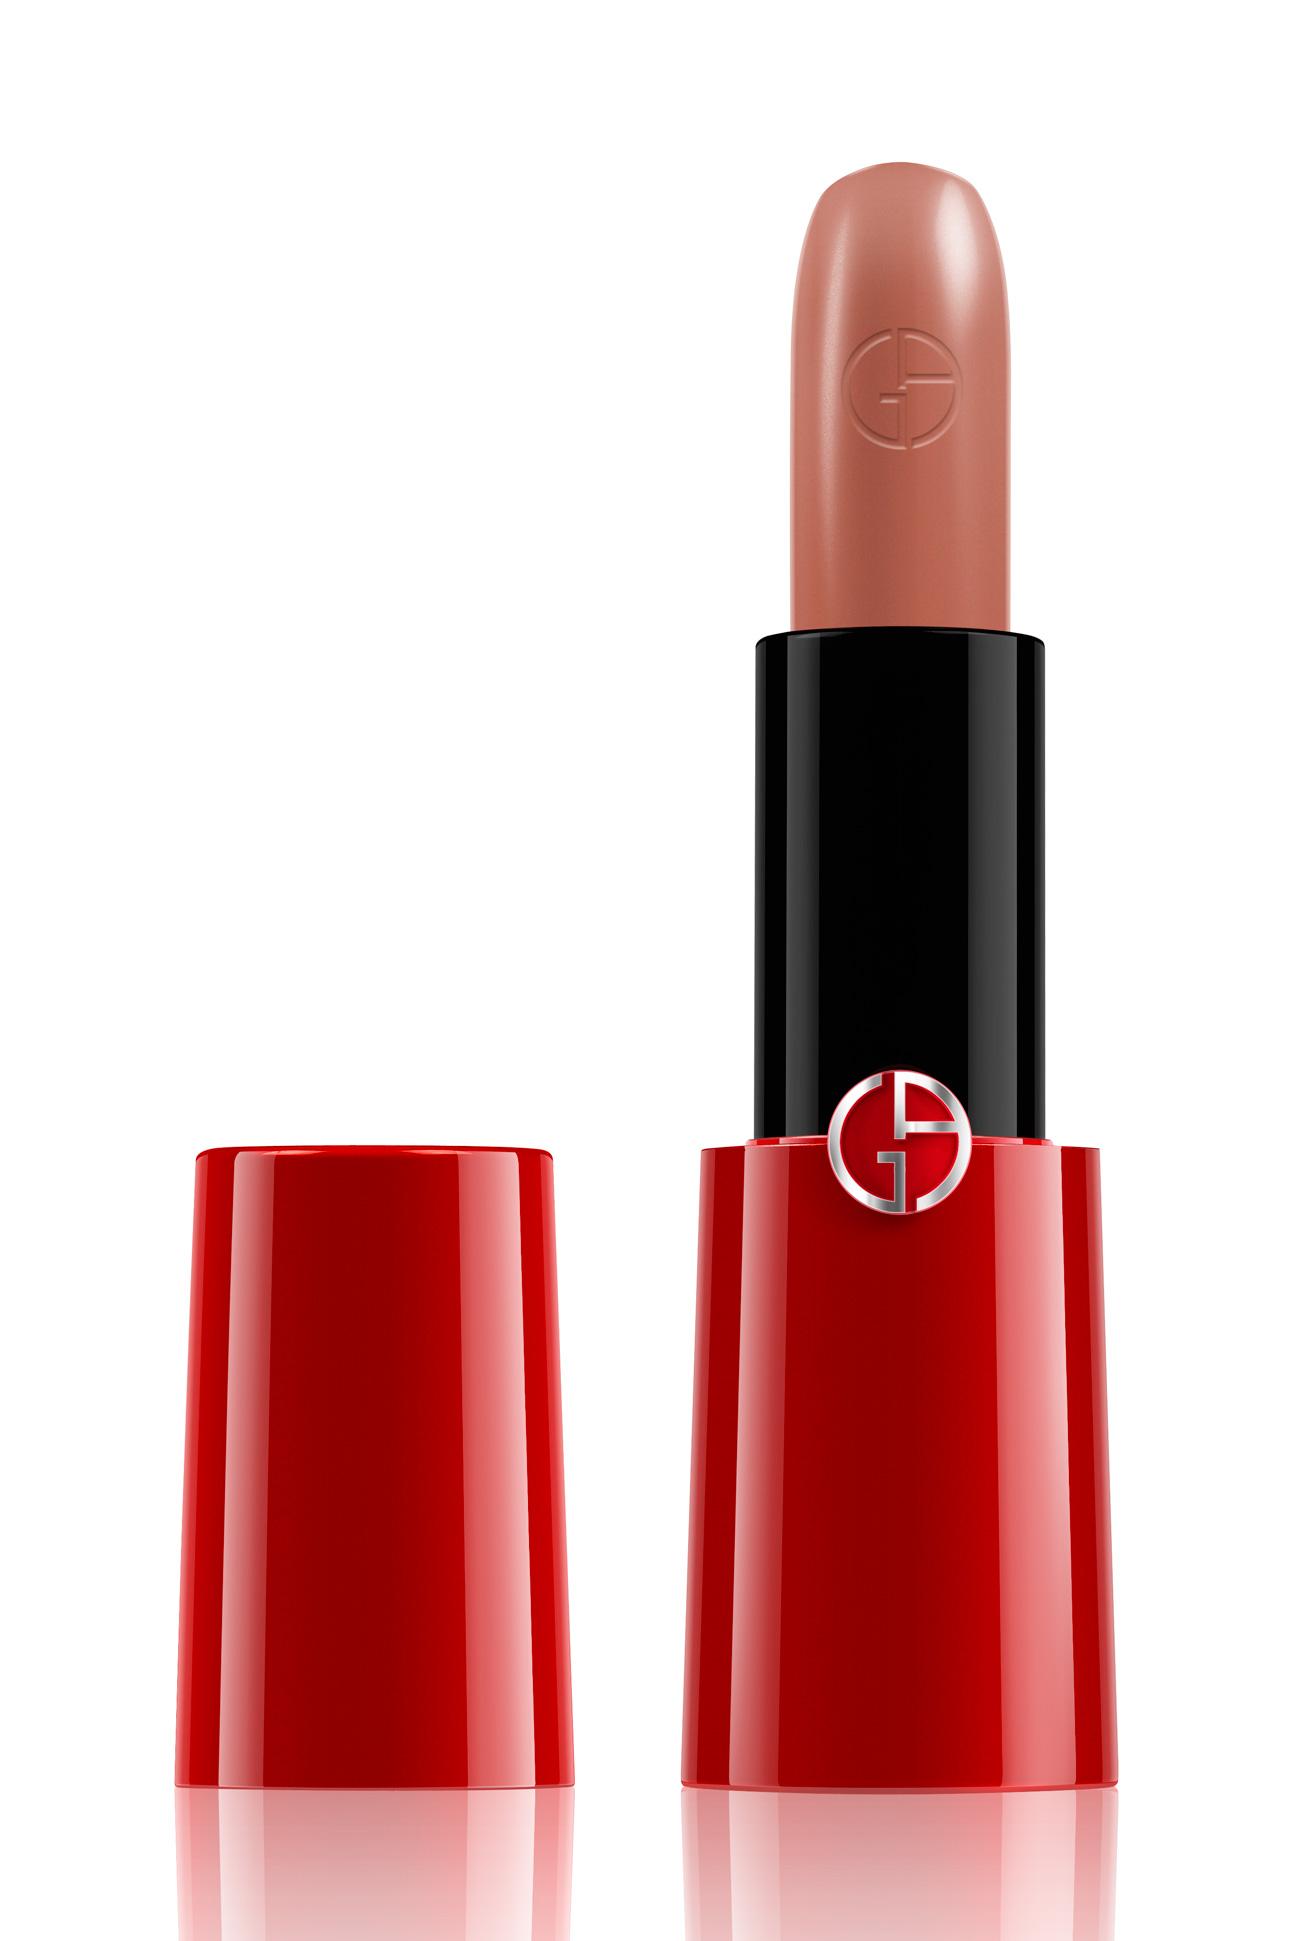 Губная помада rouge ecstasy cc 509 giorgio armani арт. p080071 купить за 2490 руб. в интернет-магазине цум.